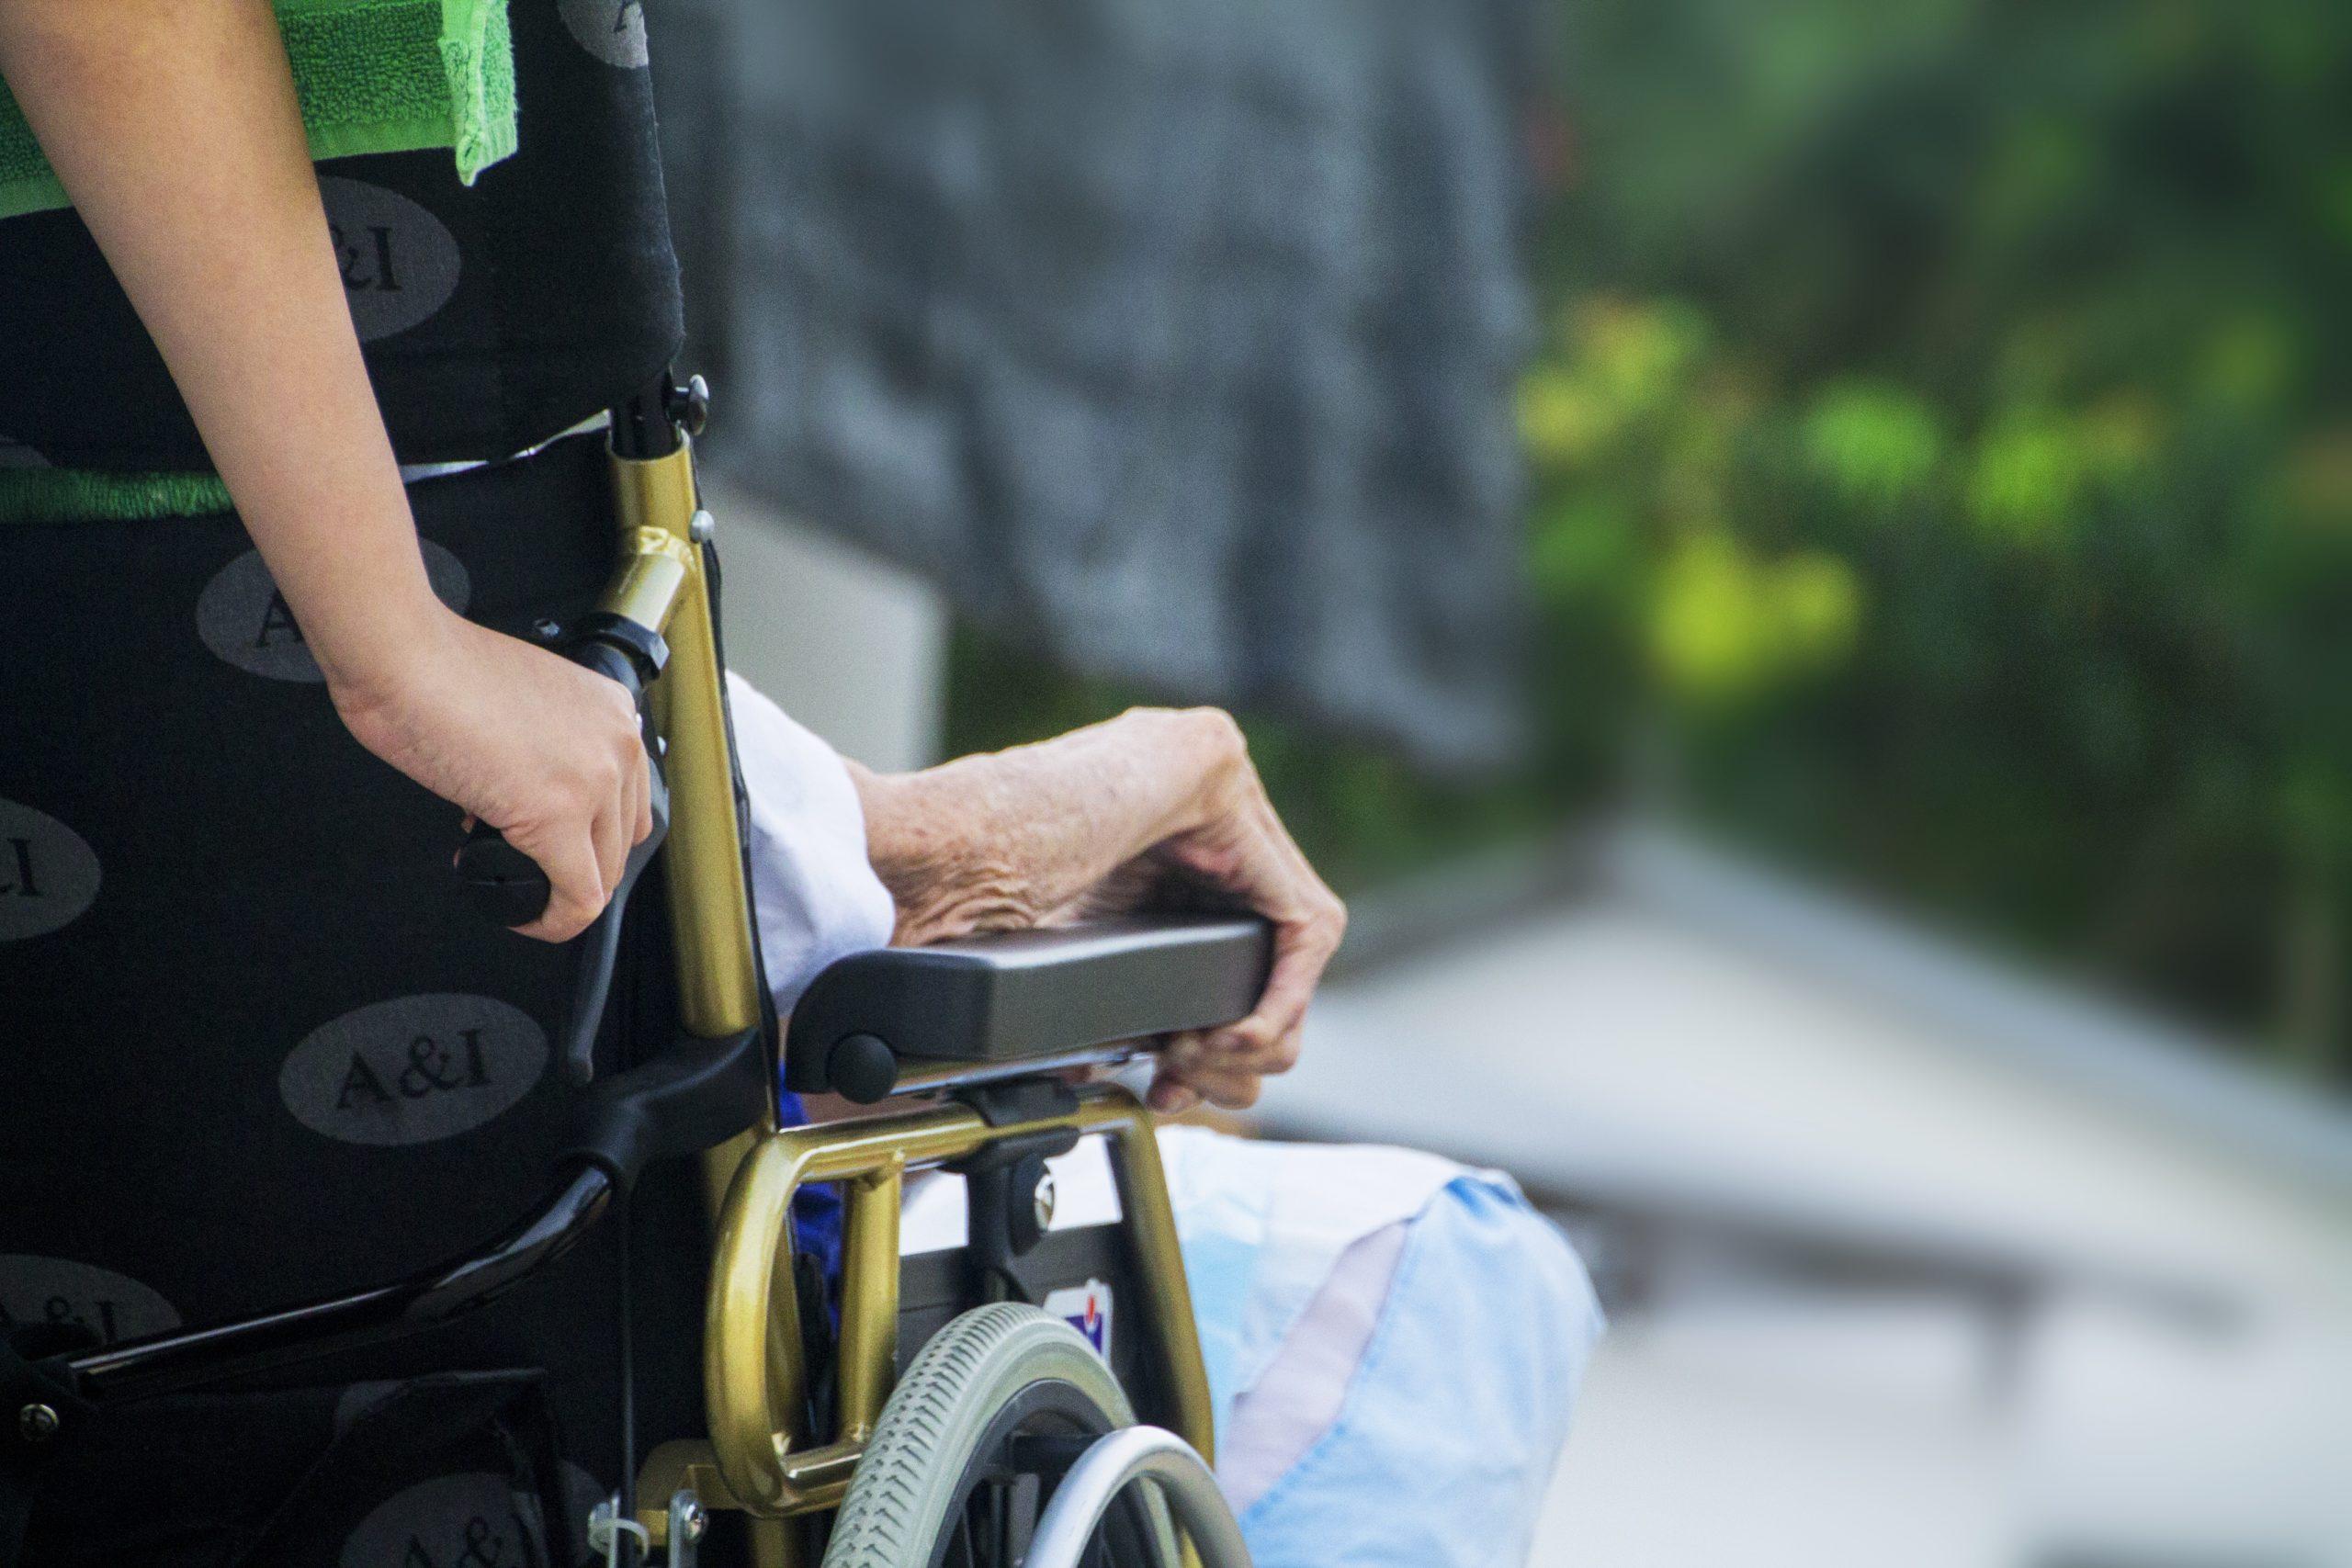 Une éducatrice accompagne une personne en fauteuil roulant.